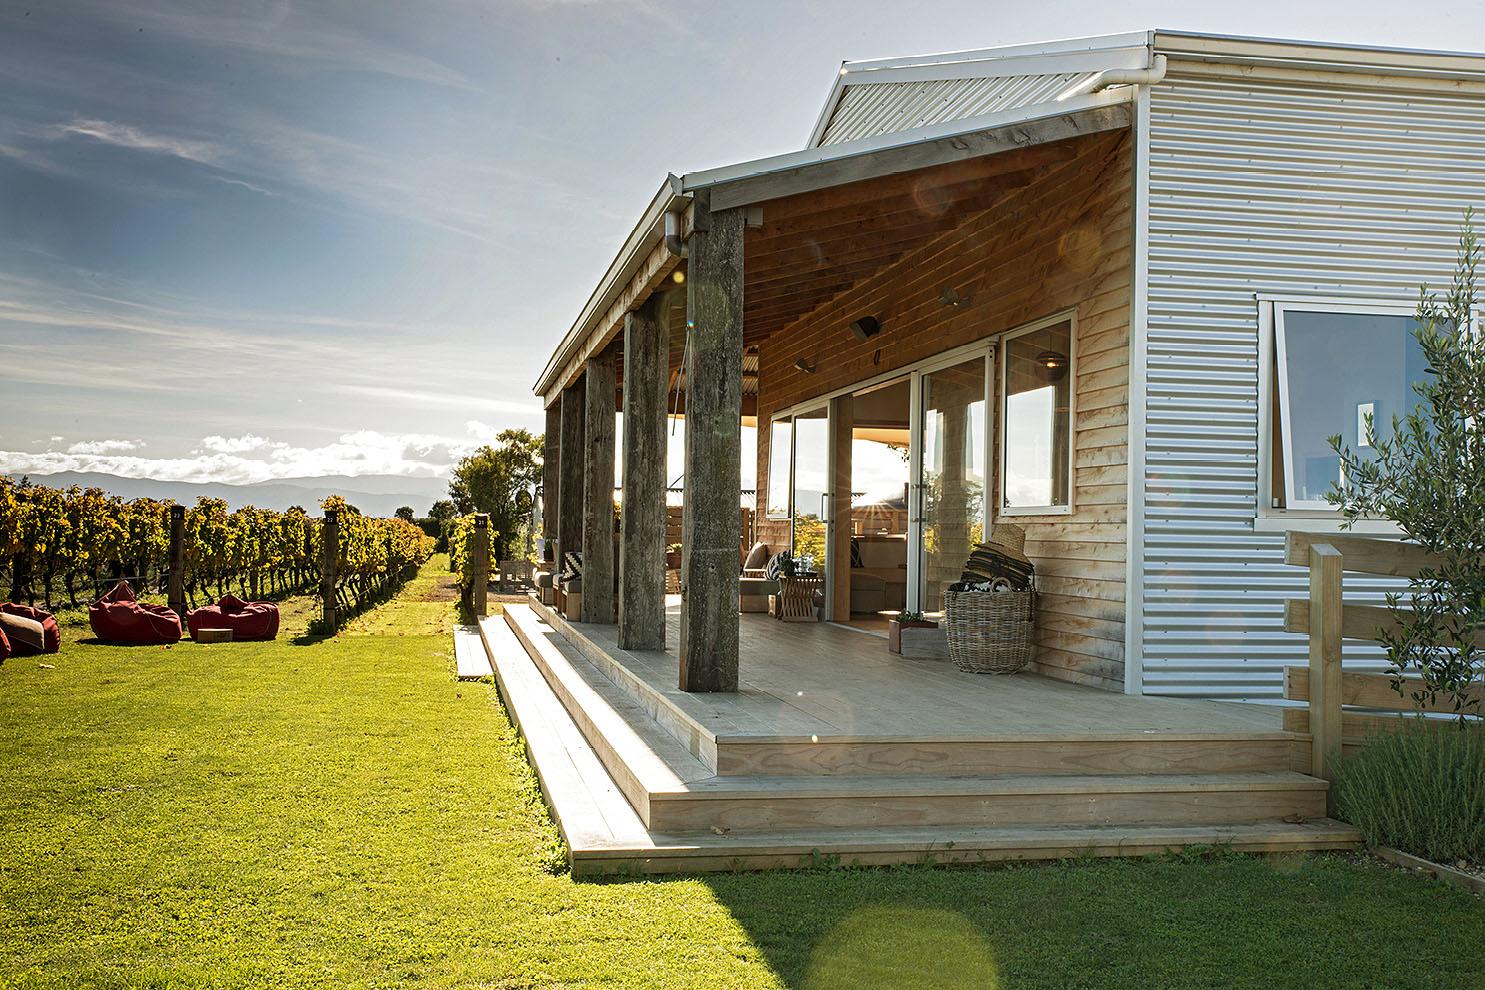 COLOMBO Winegrowers ist ein kleines, unabhängiges Weingut in Neuseeland